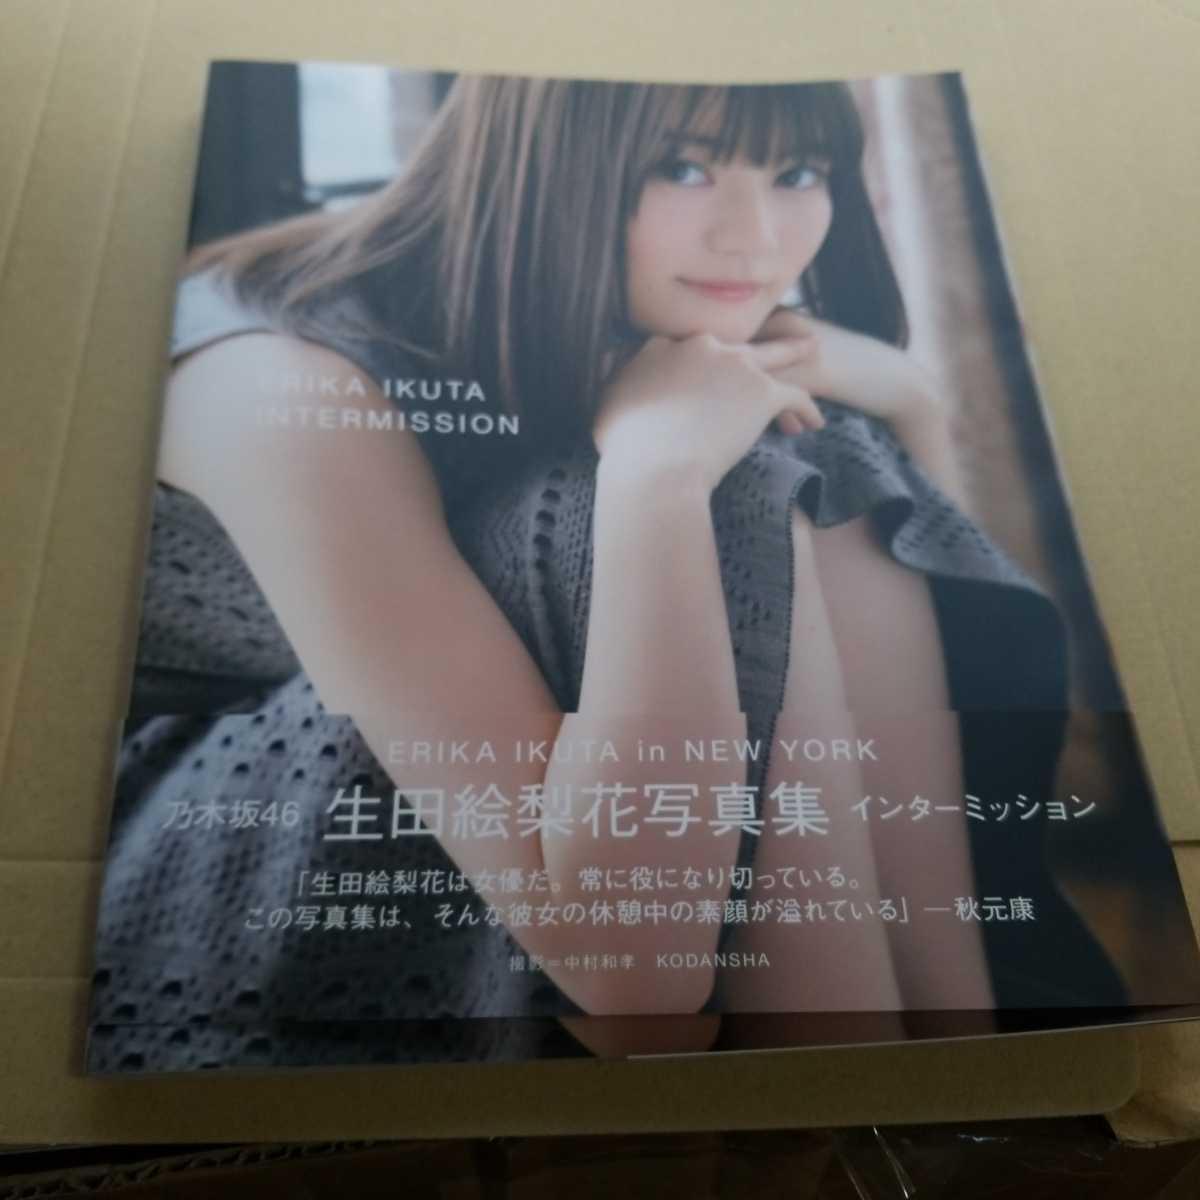 生田絵梨花 写真集 インターミッション 初版帯付きポストカードあり